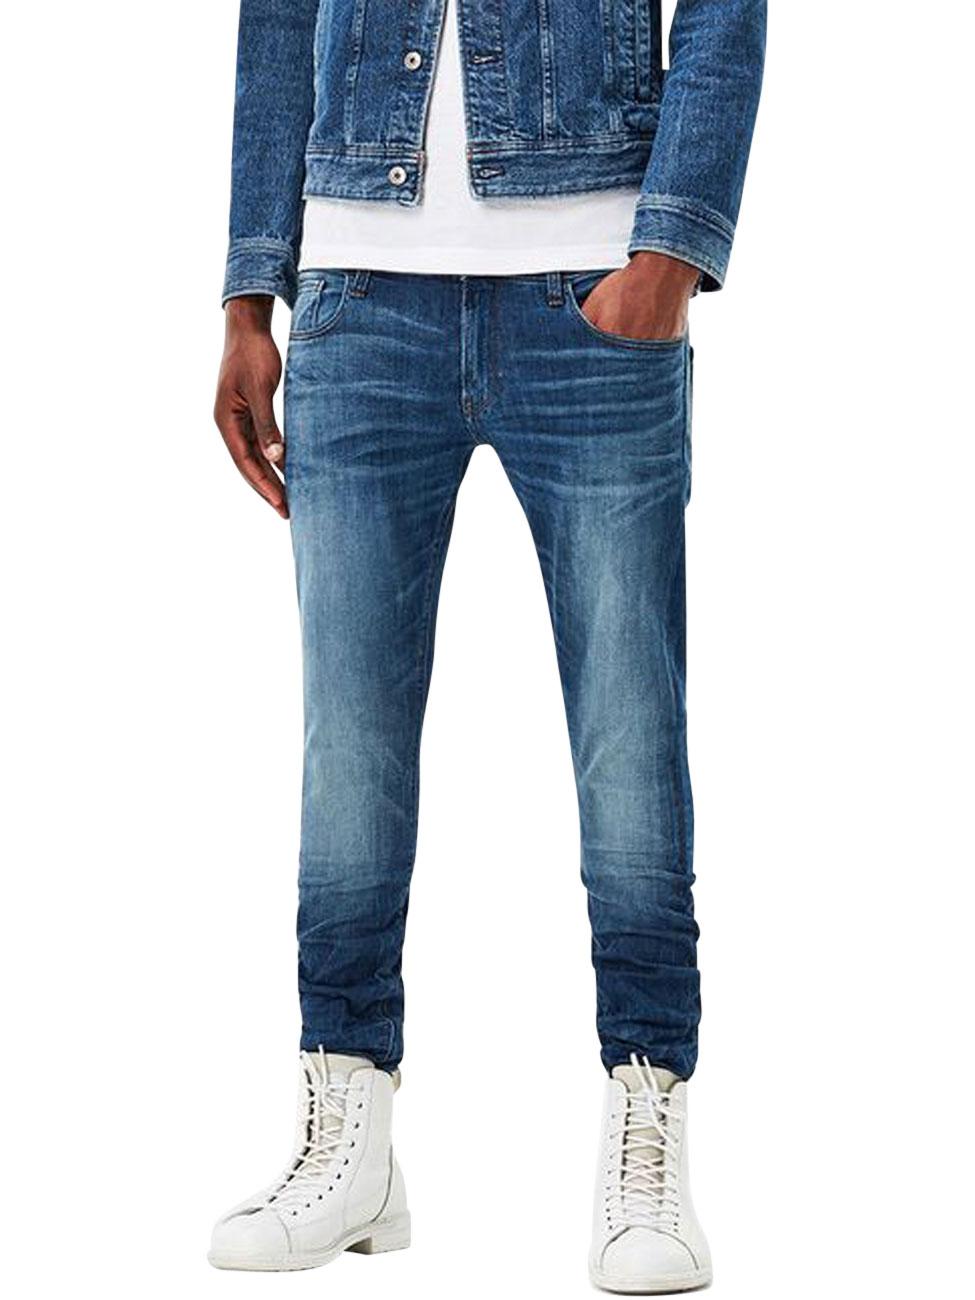 g star herren jeans 3301 deconstructed slim fit blau. Black Bedroom Furniture Sets. Home Design Ideas